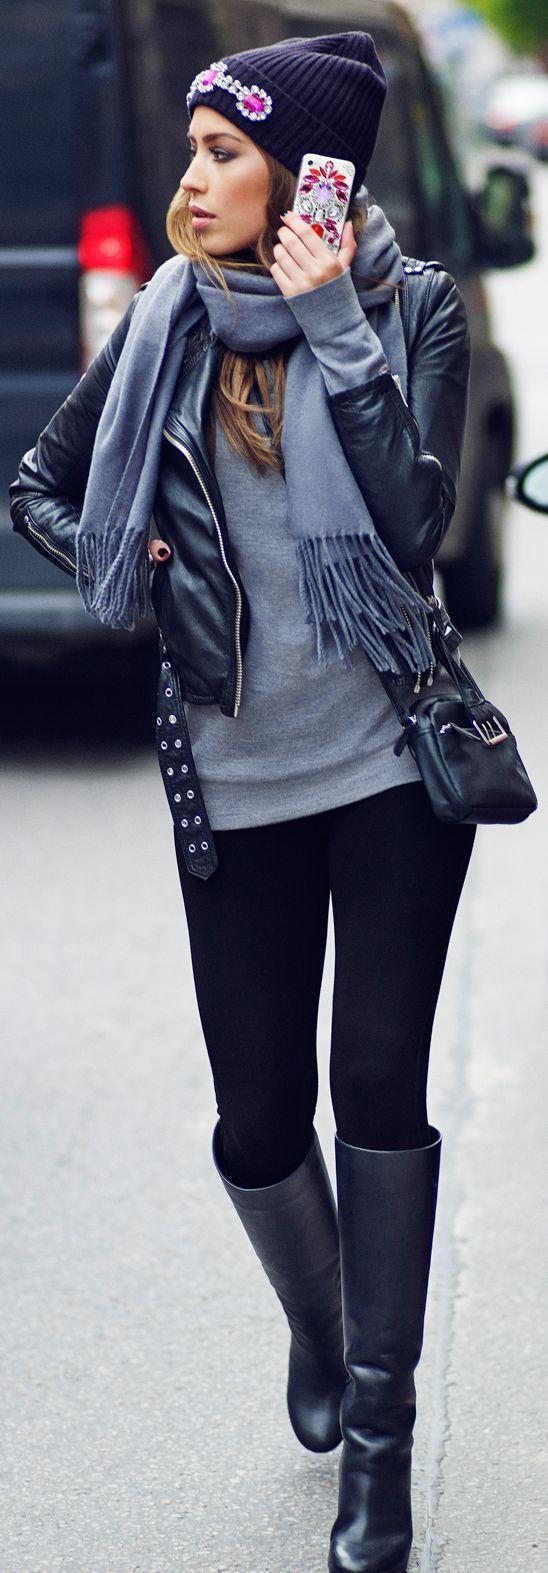 women 39 s black leather biker jacket grey long sleeve t shirt black leggings black leather knee. Black Bedroom Furniture Sets. Home Design Ideas